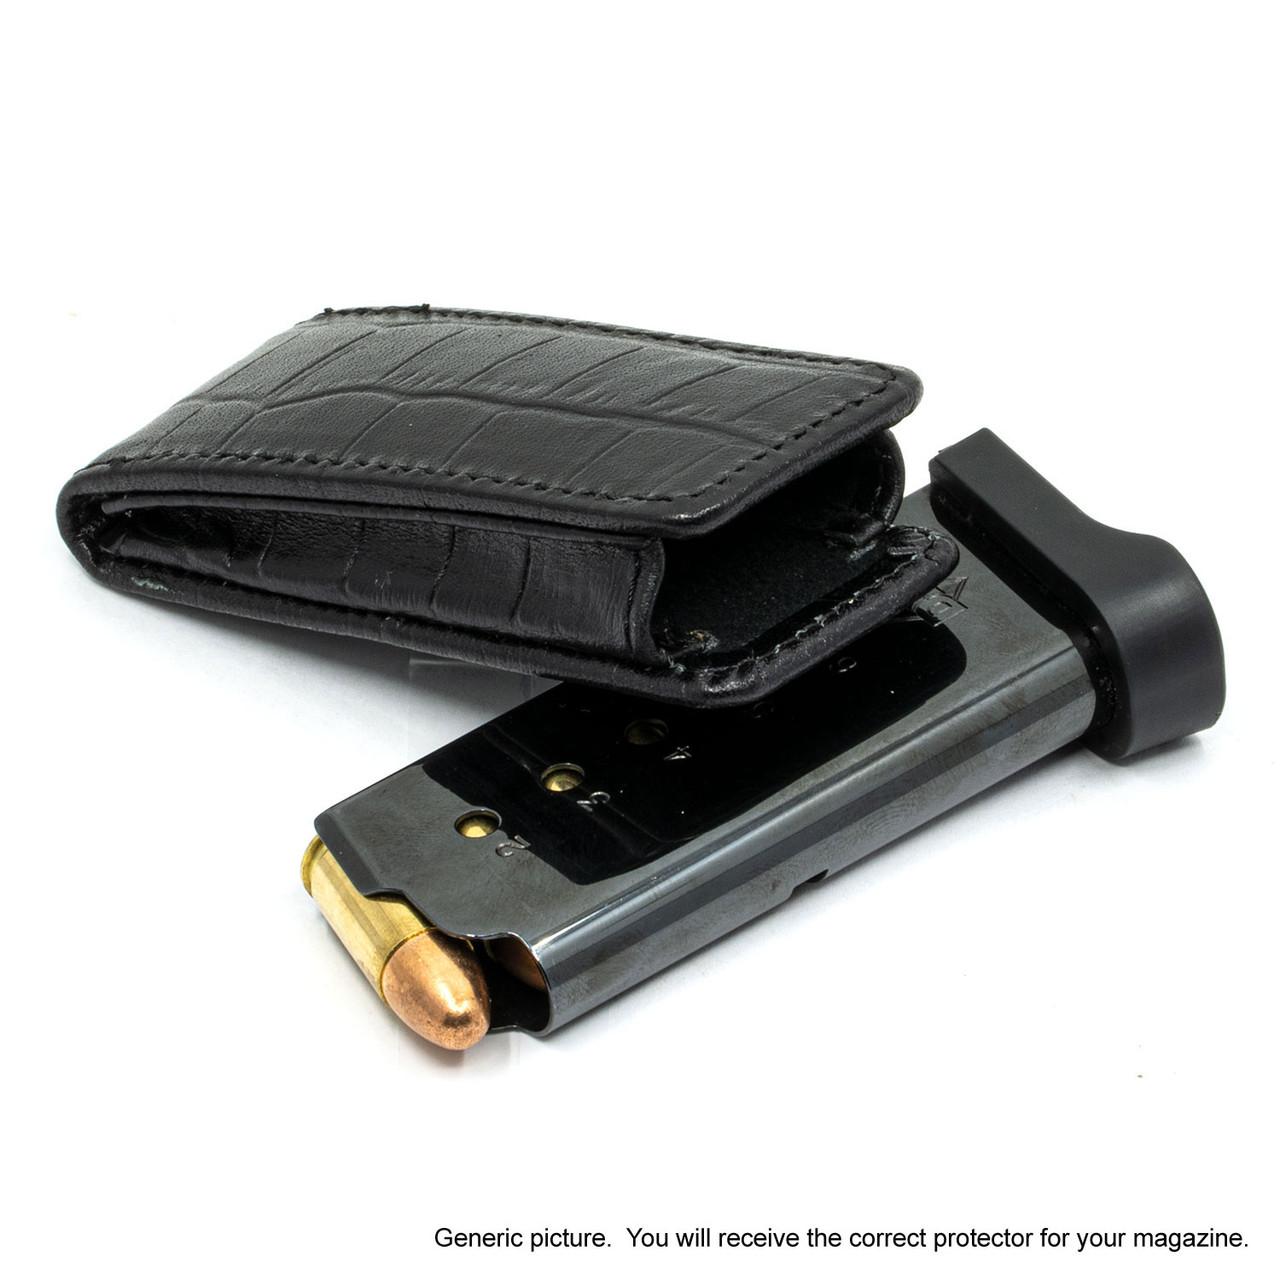 Taurus 740 Black Alligator Magazine Pocket Protector